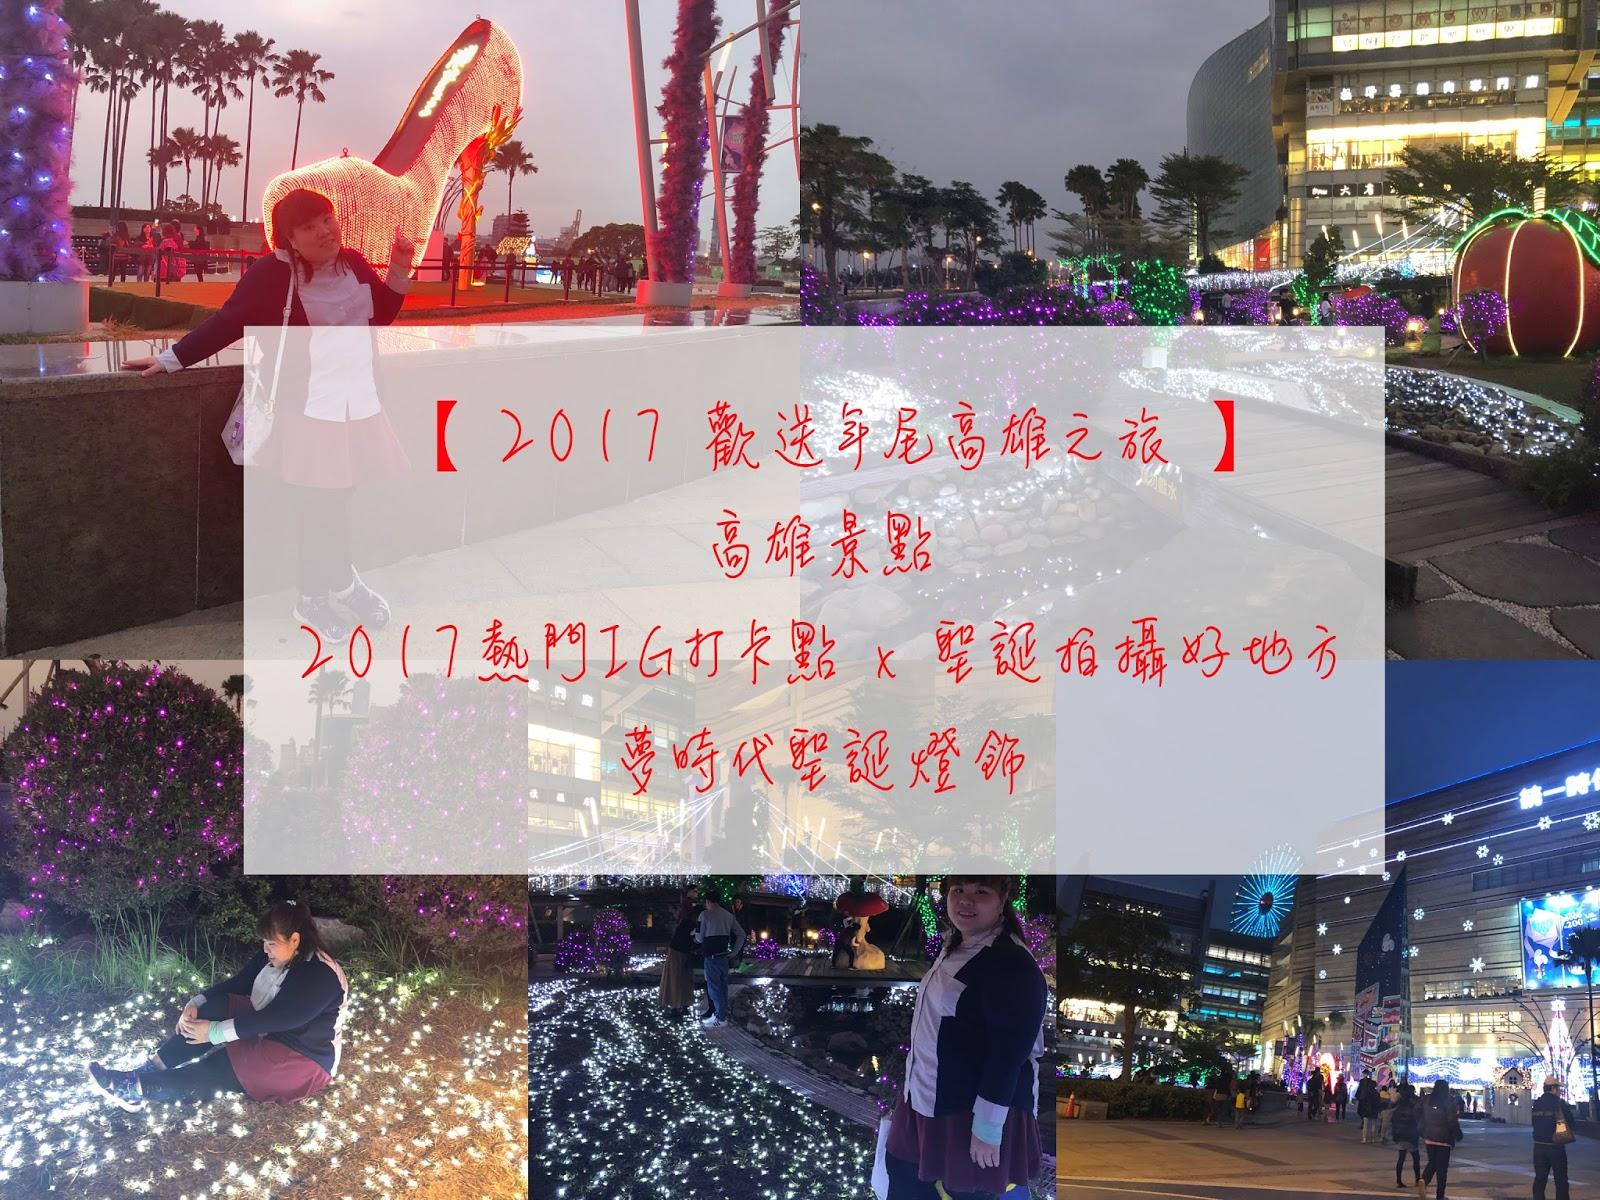 【 2017 歡送年尾高雄之旅 】高雄景點 2017熱門IG打卡點 x 聖誕拍攝好地方 – 夢時代聖誕燈飾 – Wing's Dream Diary